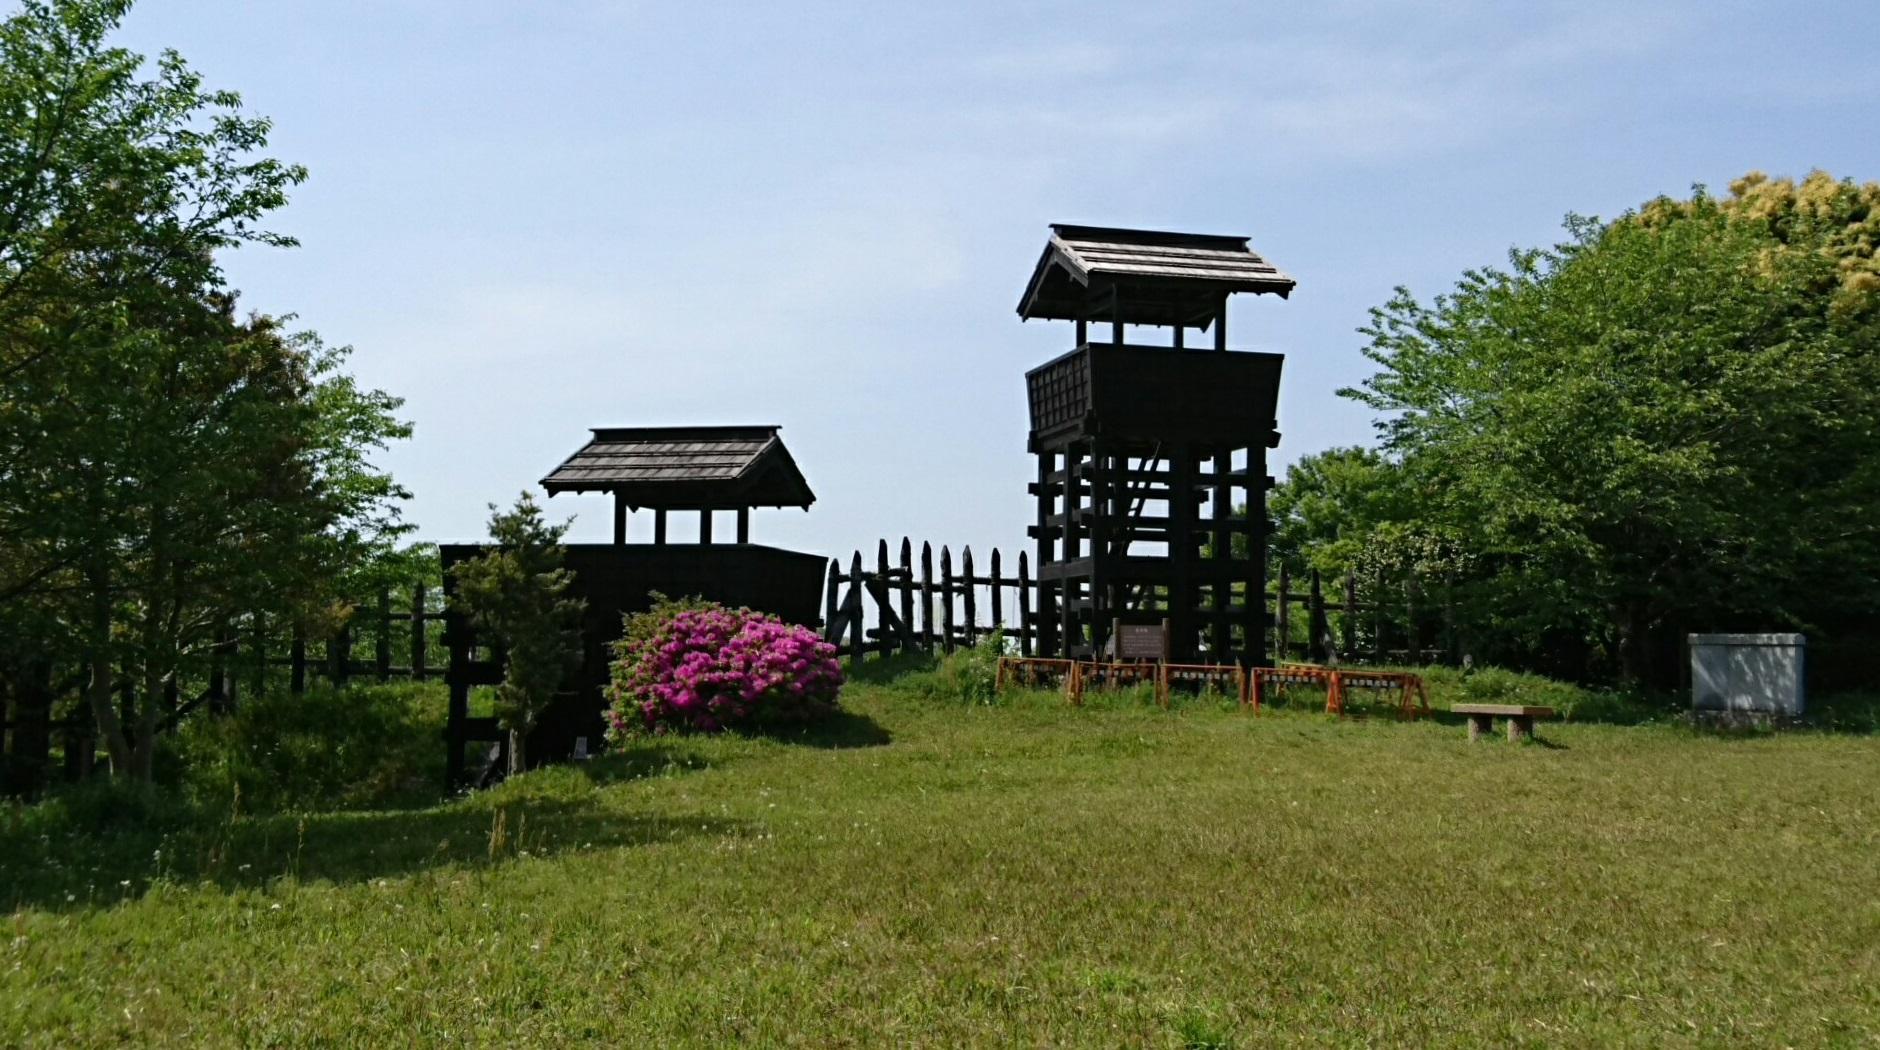 2017.5.2 東条城 (1) 主郭からみる城門とものみやぐら 1880-1050